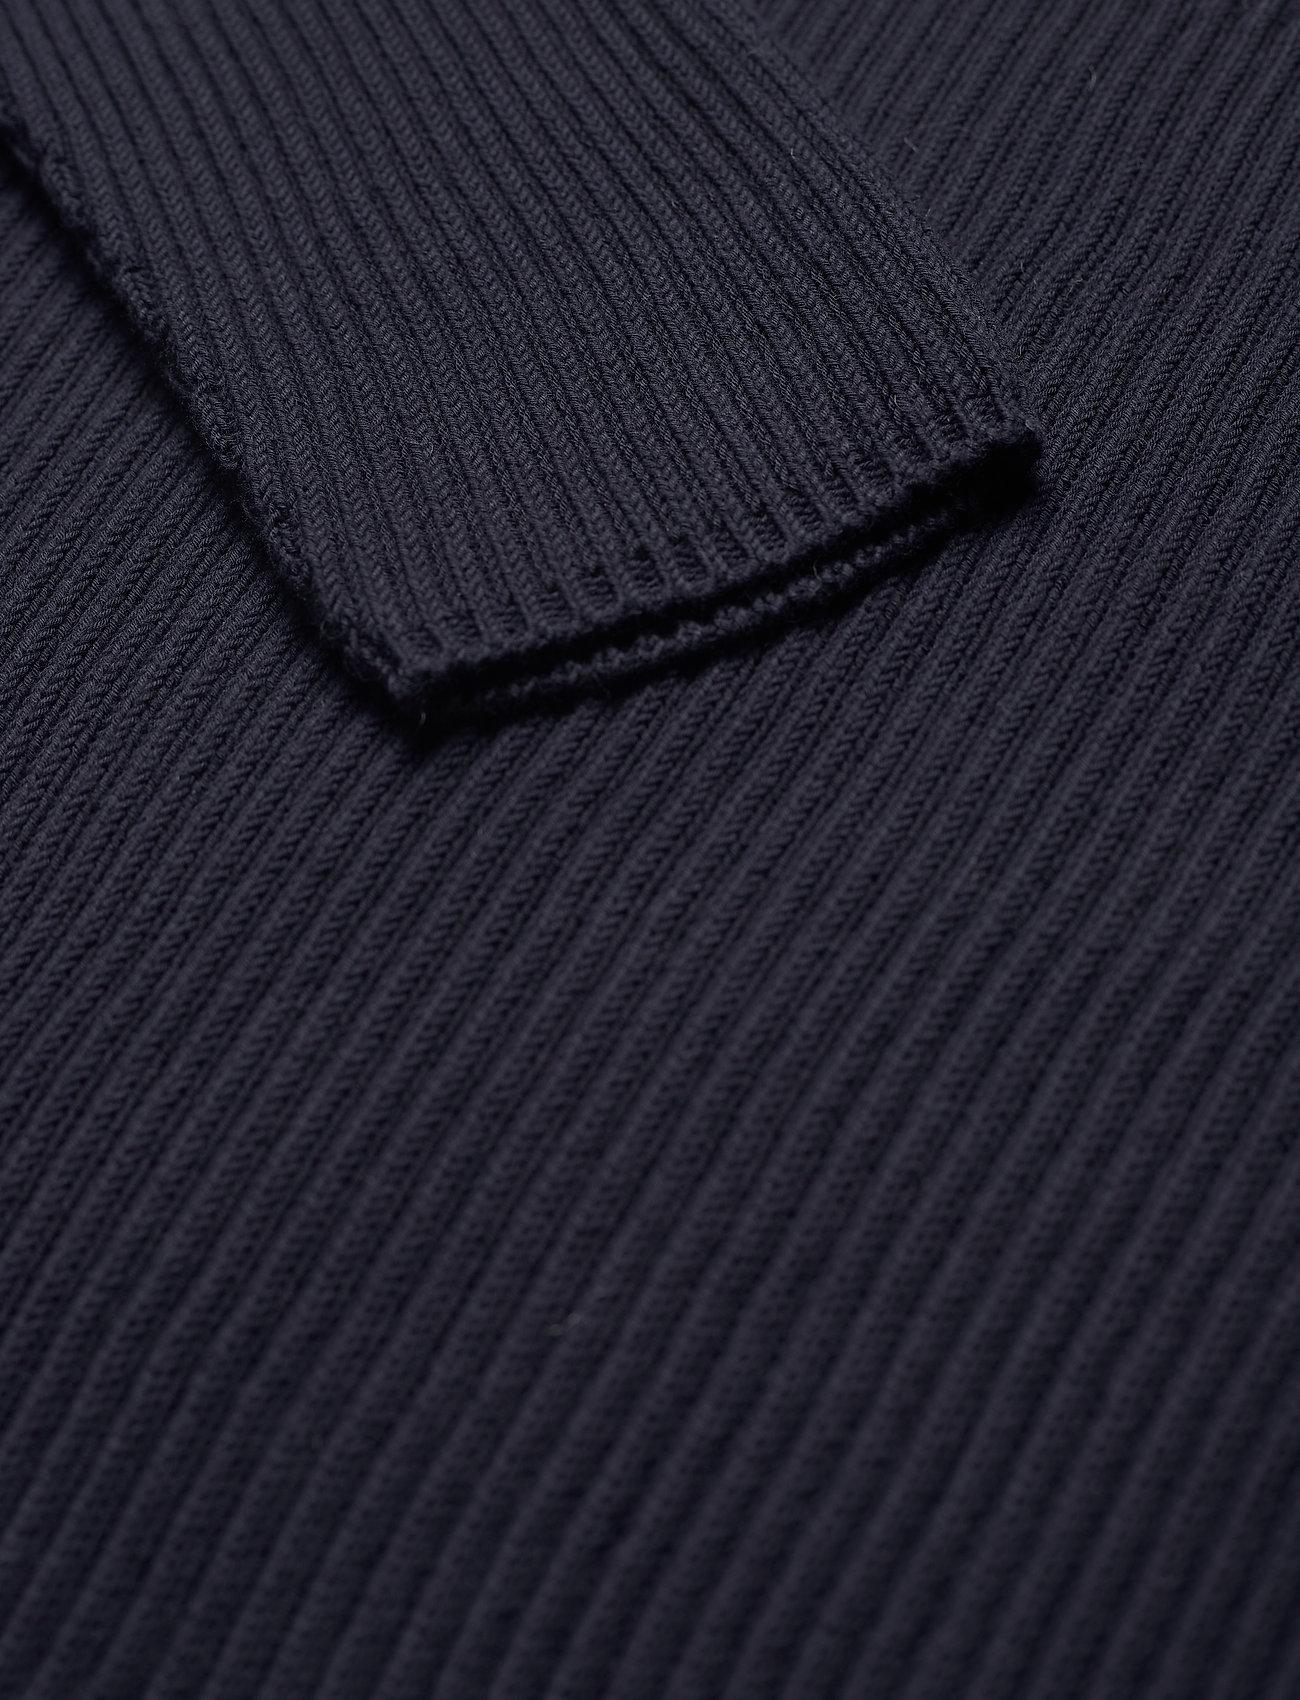 Max Mara Leisure - CIRO - sweaters - navy - 2